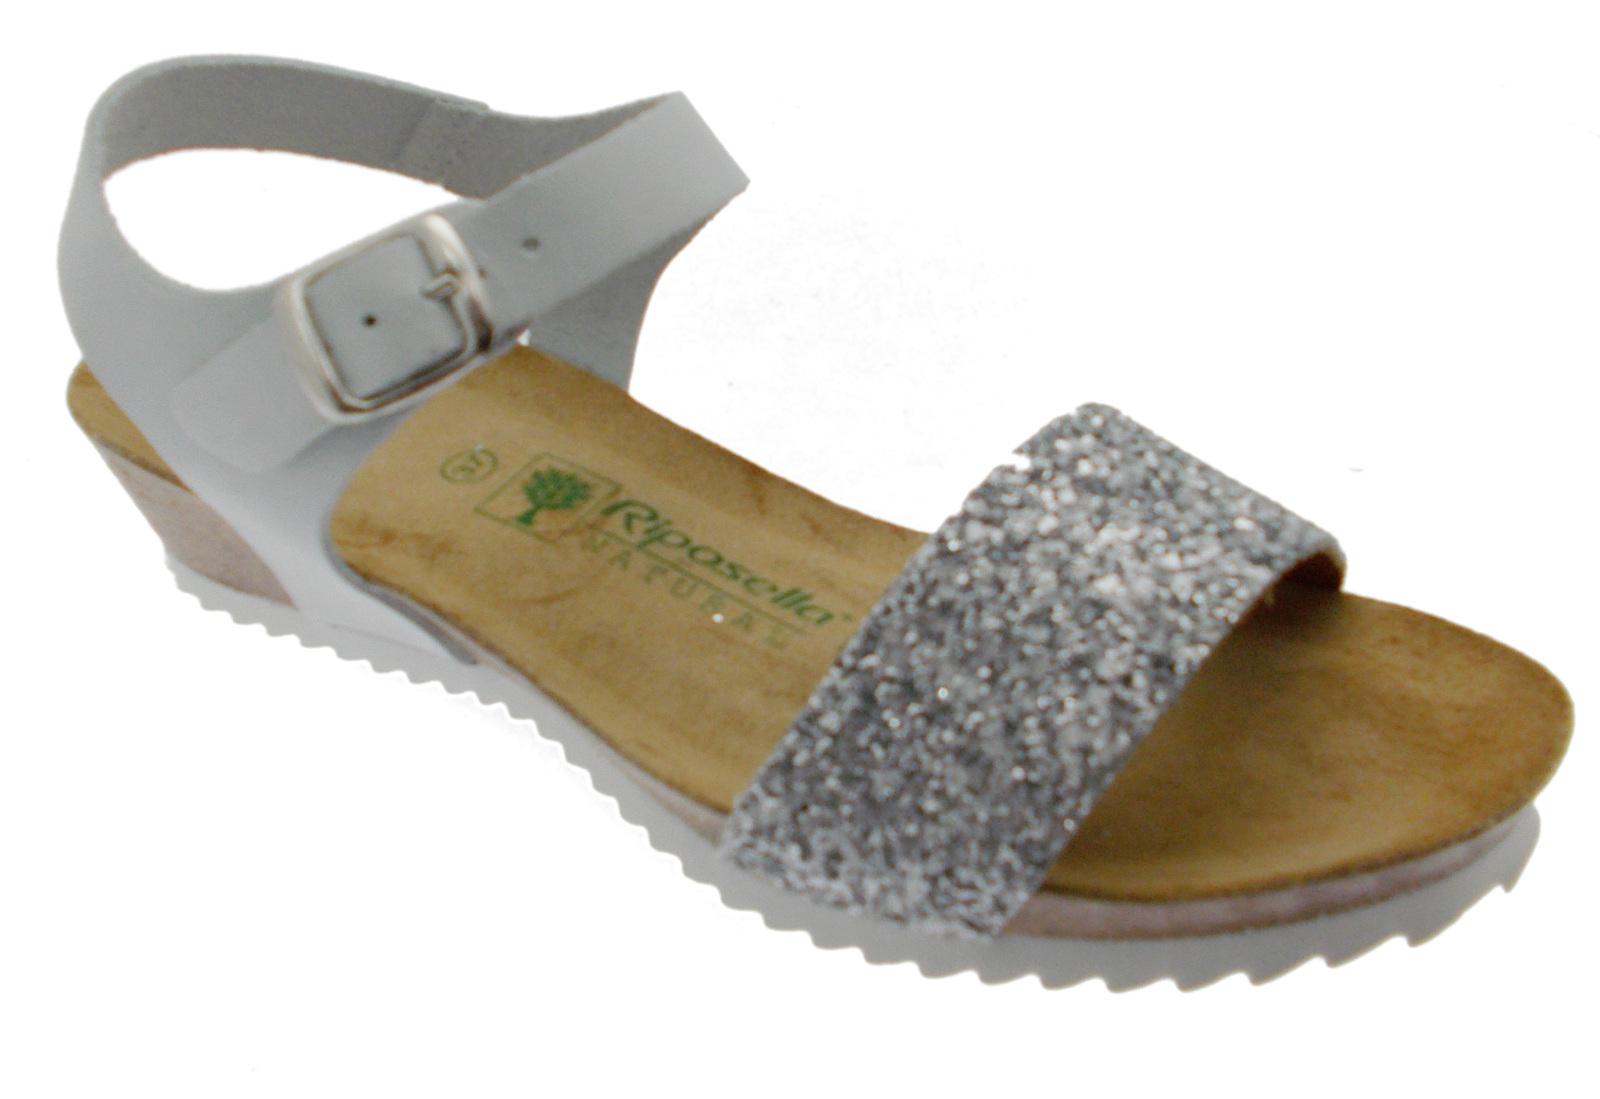 Sandalo donna bianco ghiaccio aperto perline zeppa comodo art 19616 Riposella